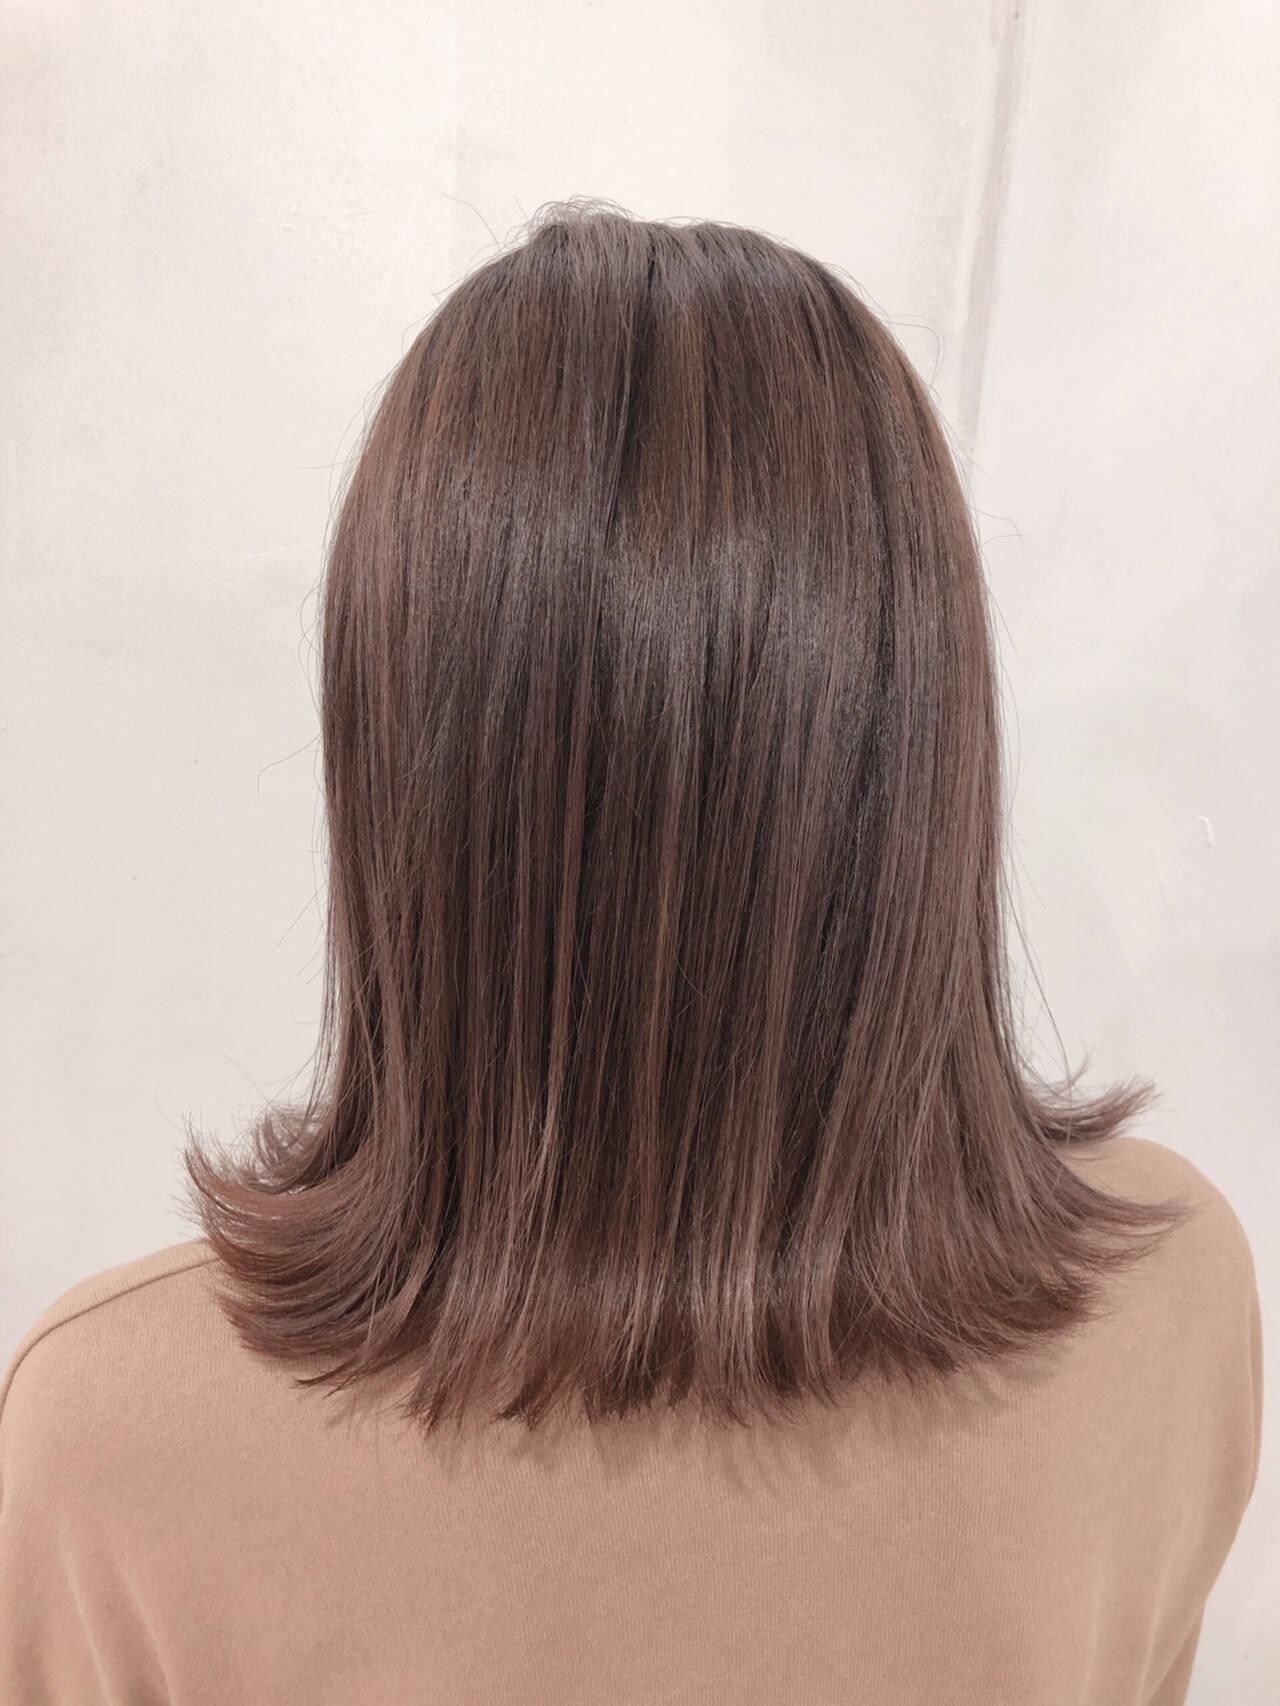 セミロング ナチュラル ハイトーン 透明感ヘアスタイルや髪型の写真・画像